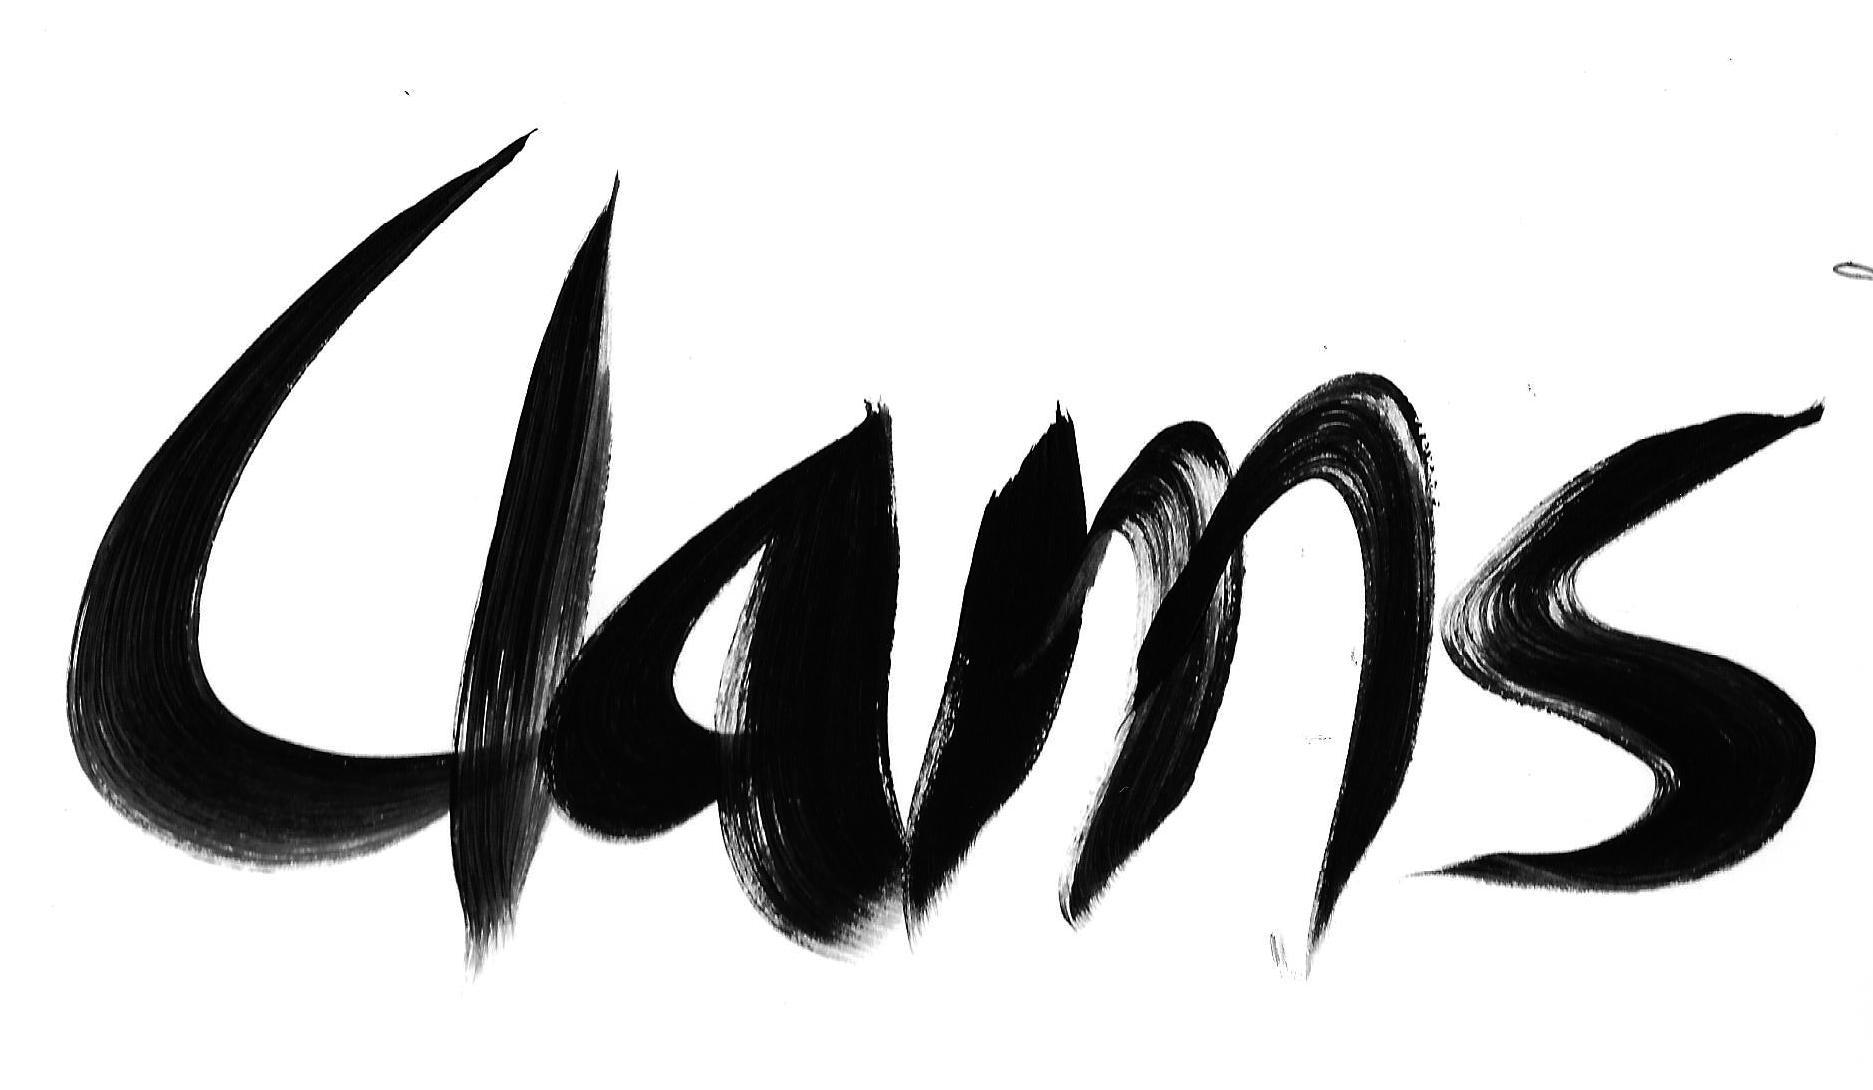 clams_03